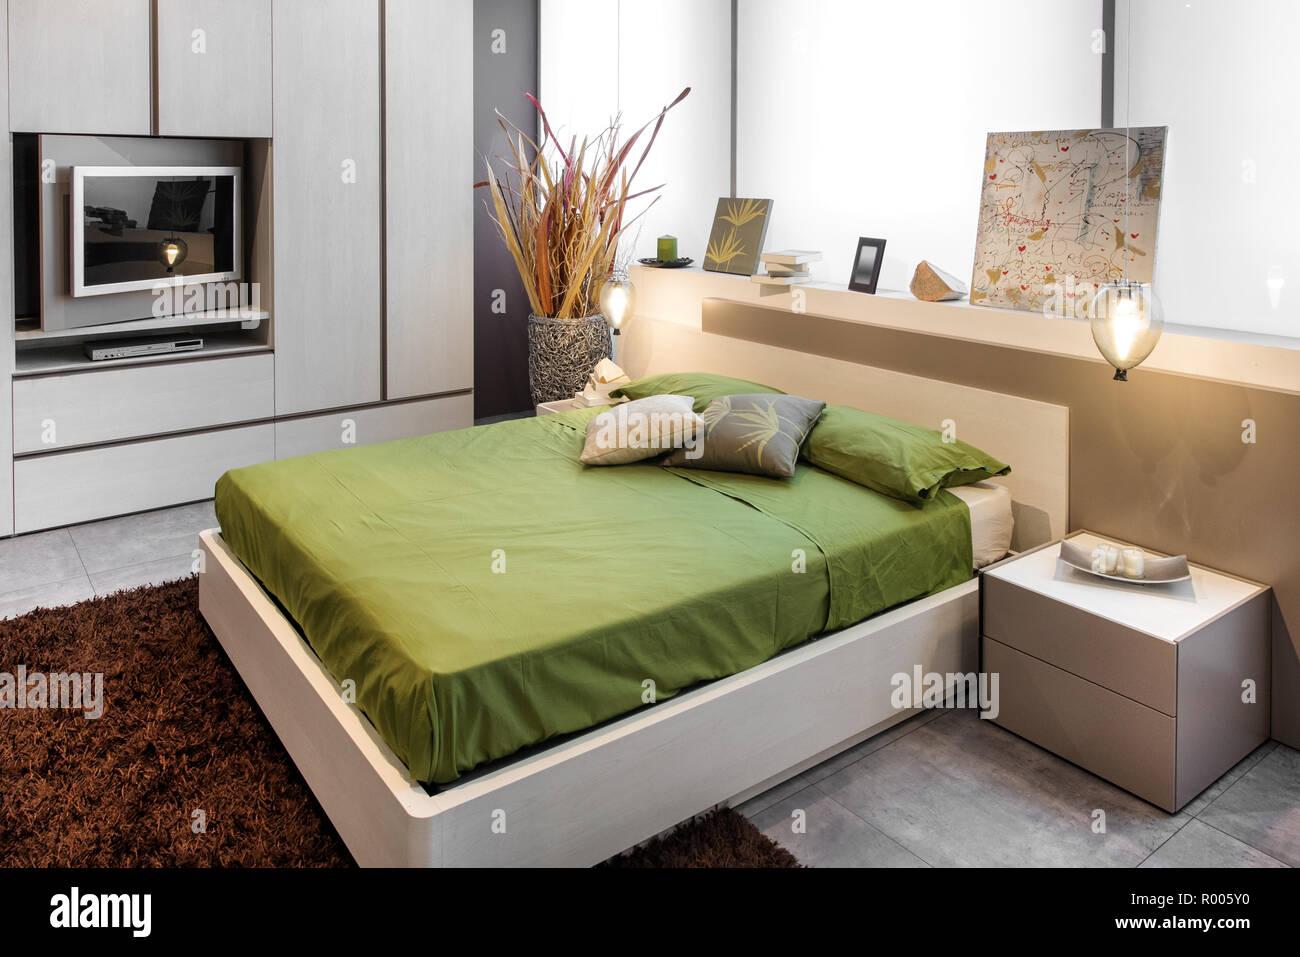 Modernes Schlafzimmer Design mit hohen Doppelbett mit Bettwäsche grün und braun Teppich auf dem Boden Stockbild